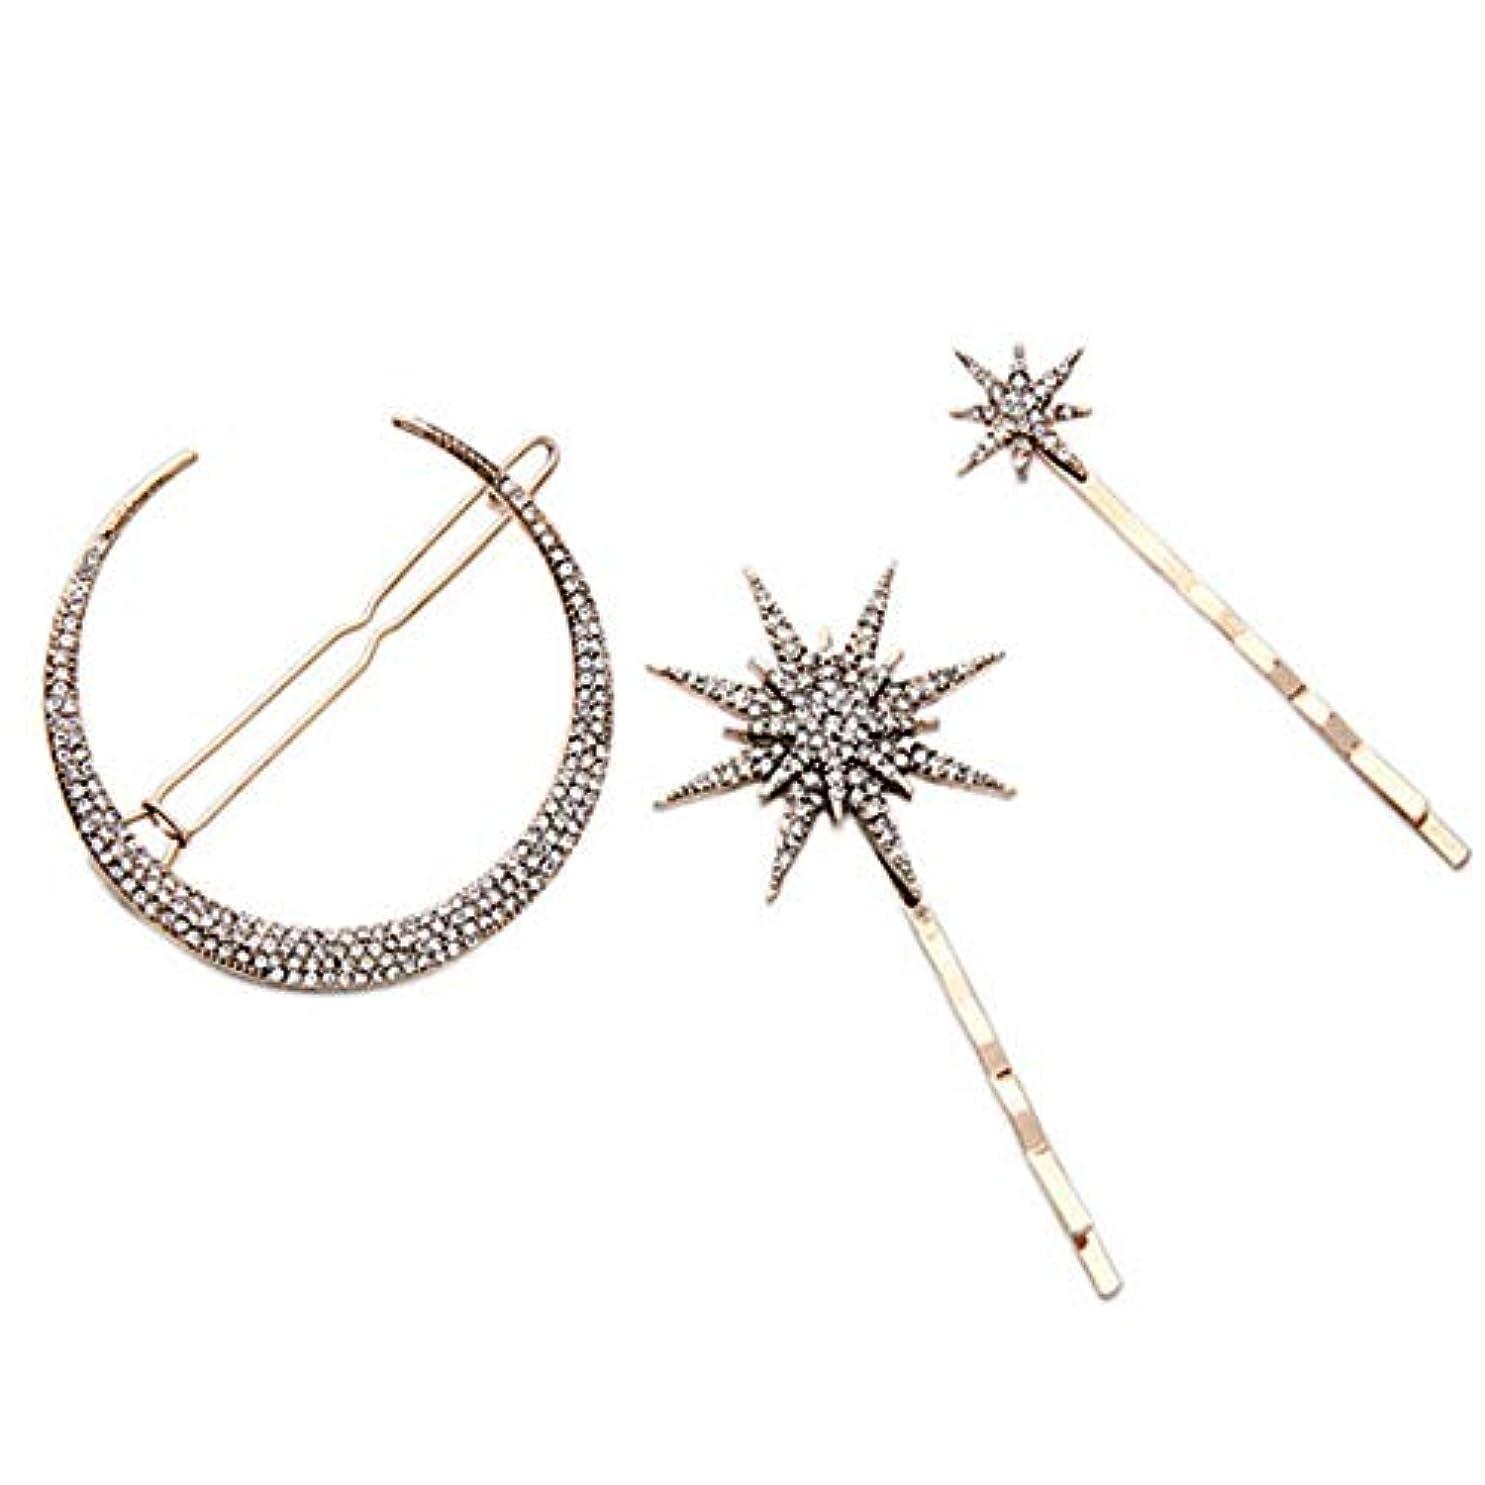 スナッチ伝説確立します3ピースファッション幾何スタームーン模造ダイヤモンドヘアピンヘアアクセサリー女性ヘアクリップツール